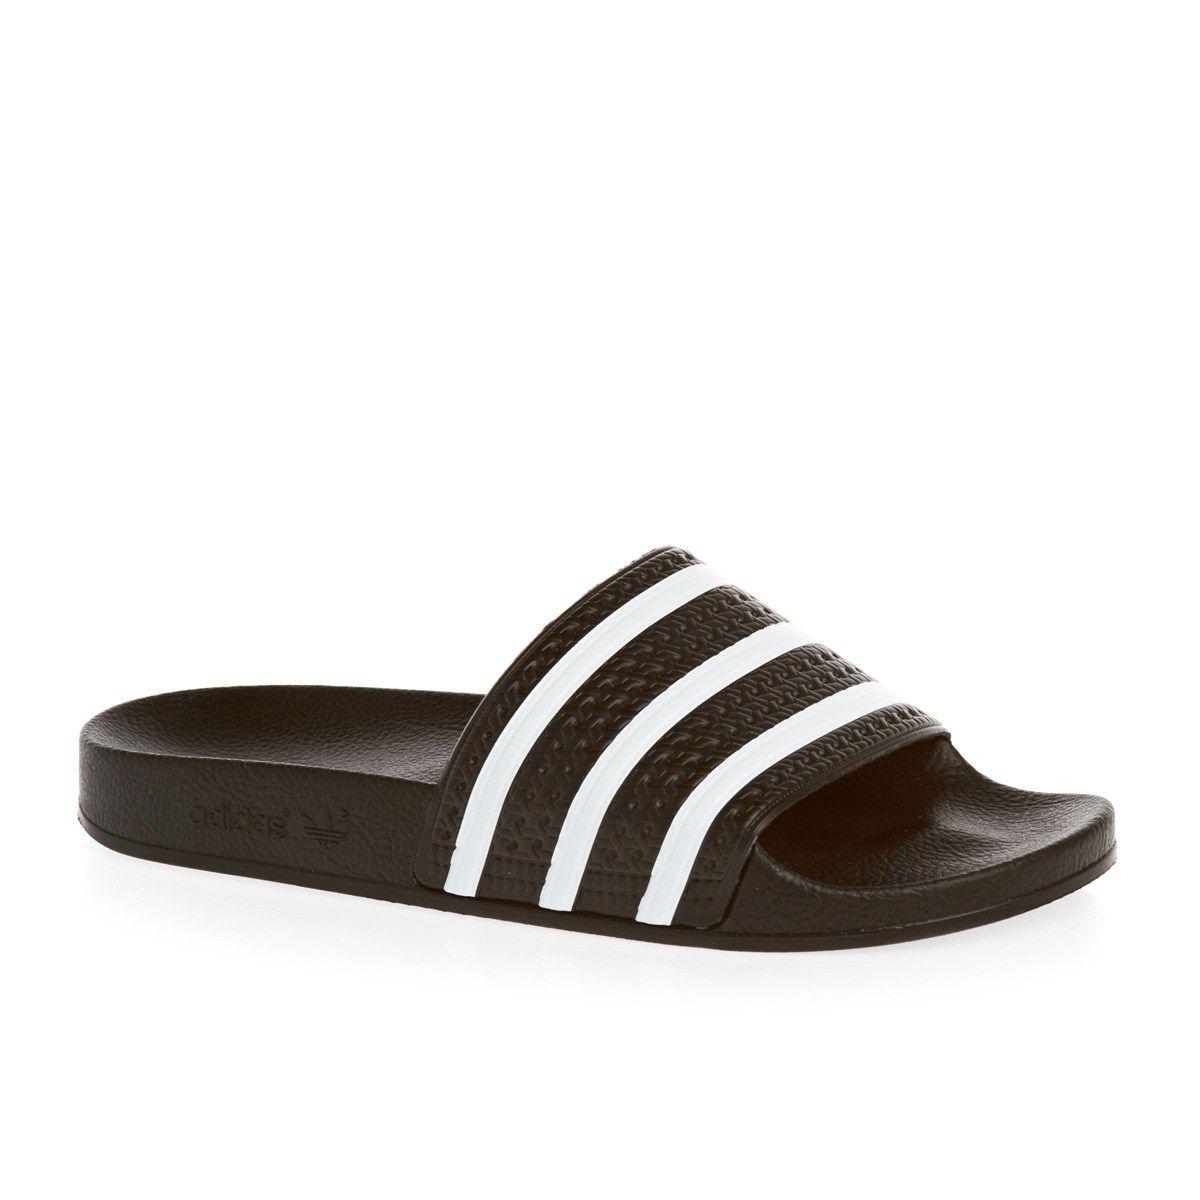 5c94809d65f1 Men s adidas originals Sandals - adidas originals Adilette Sandals - Black White  Mens Flip Flops